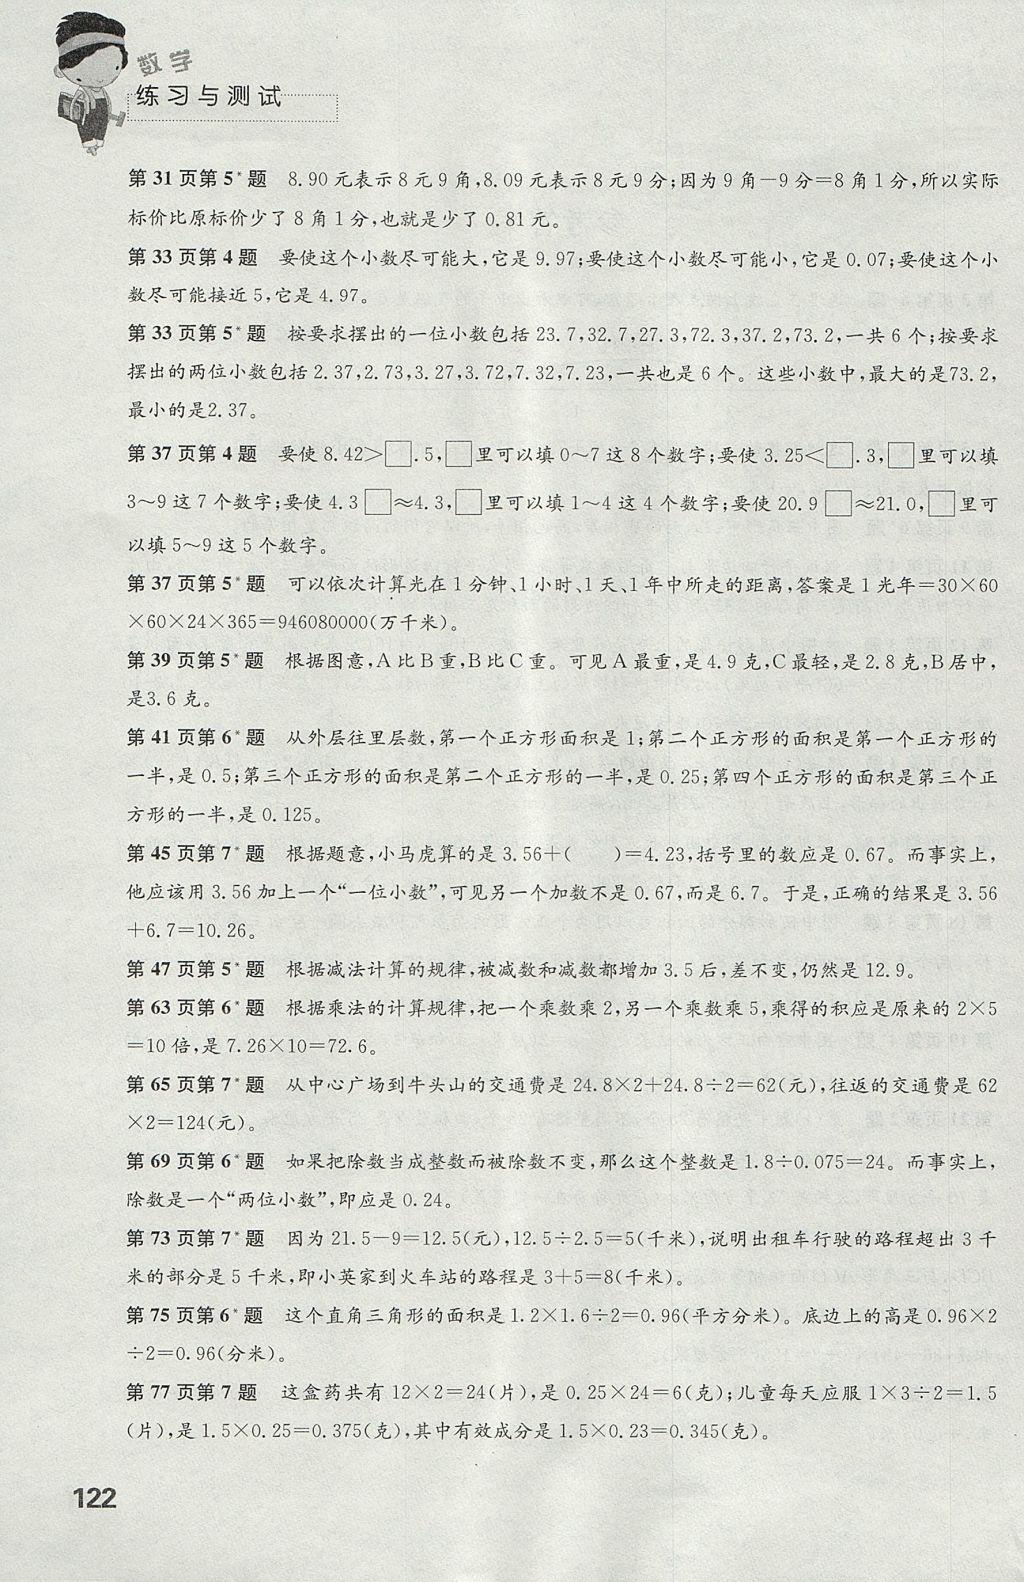 2017年练习与测试小学数学五年级上册苏教版参考答案第2页